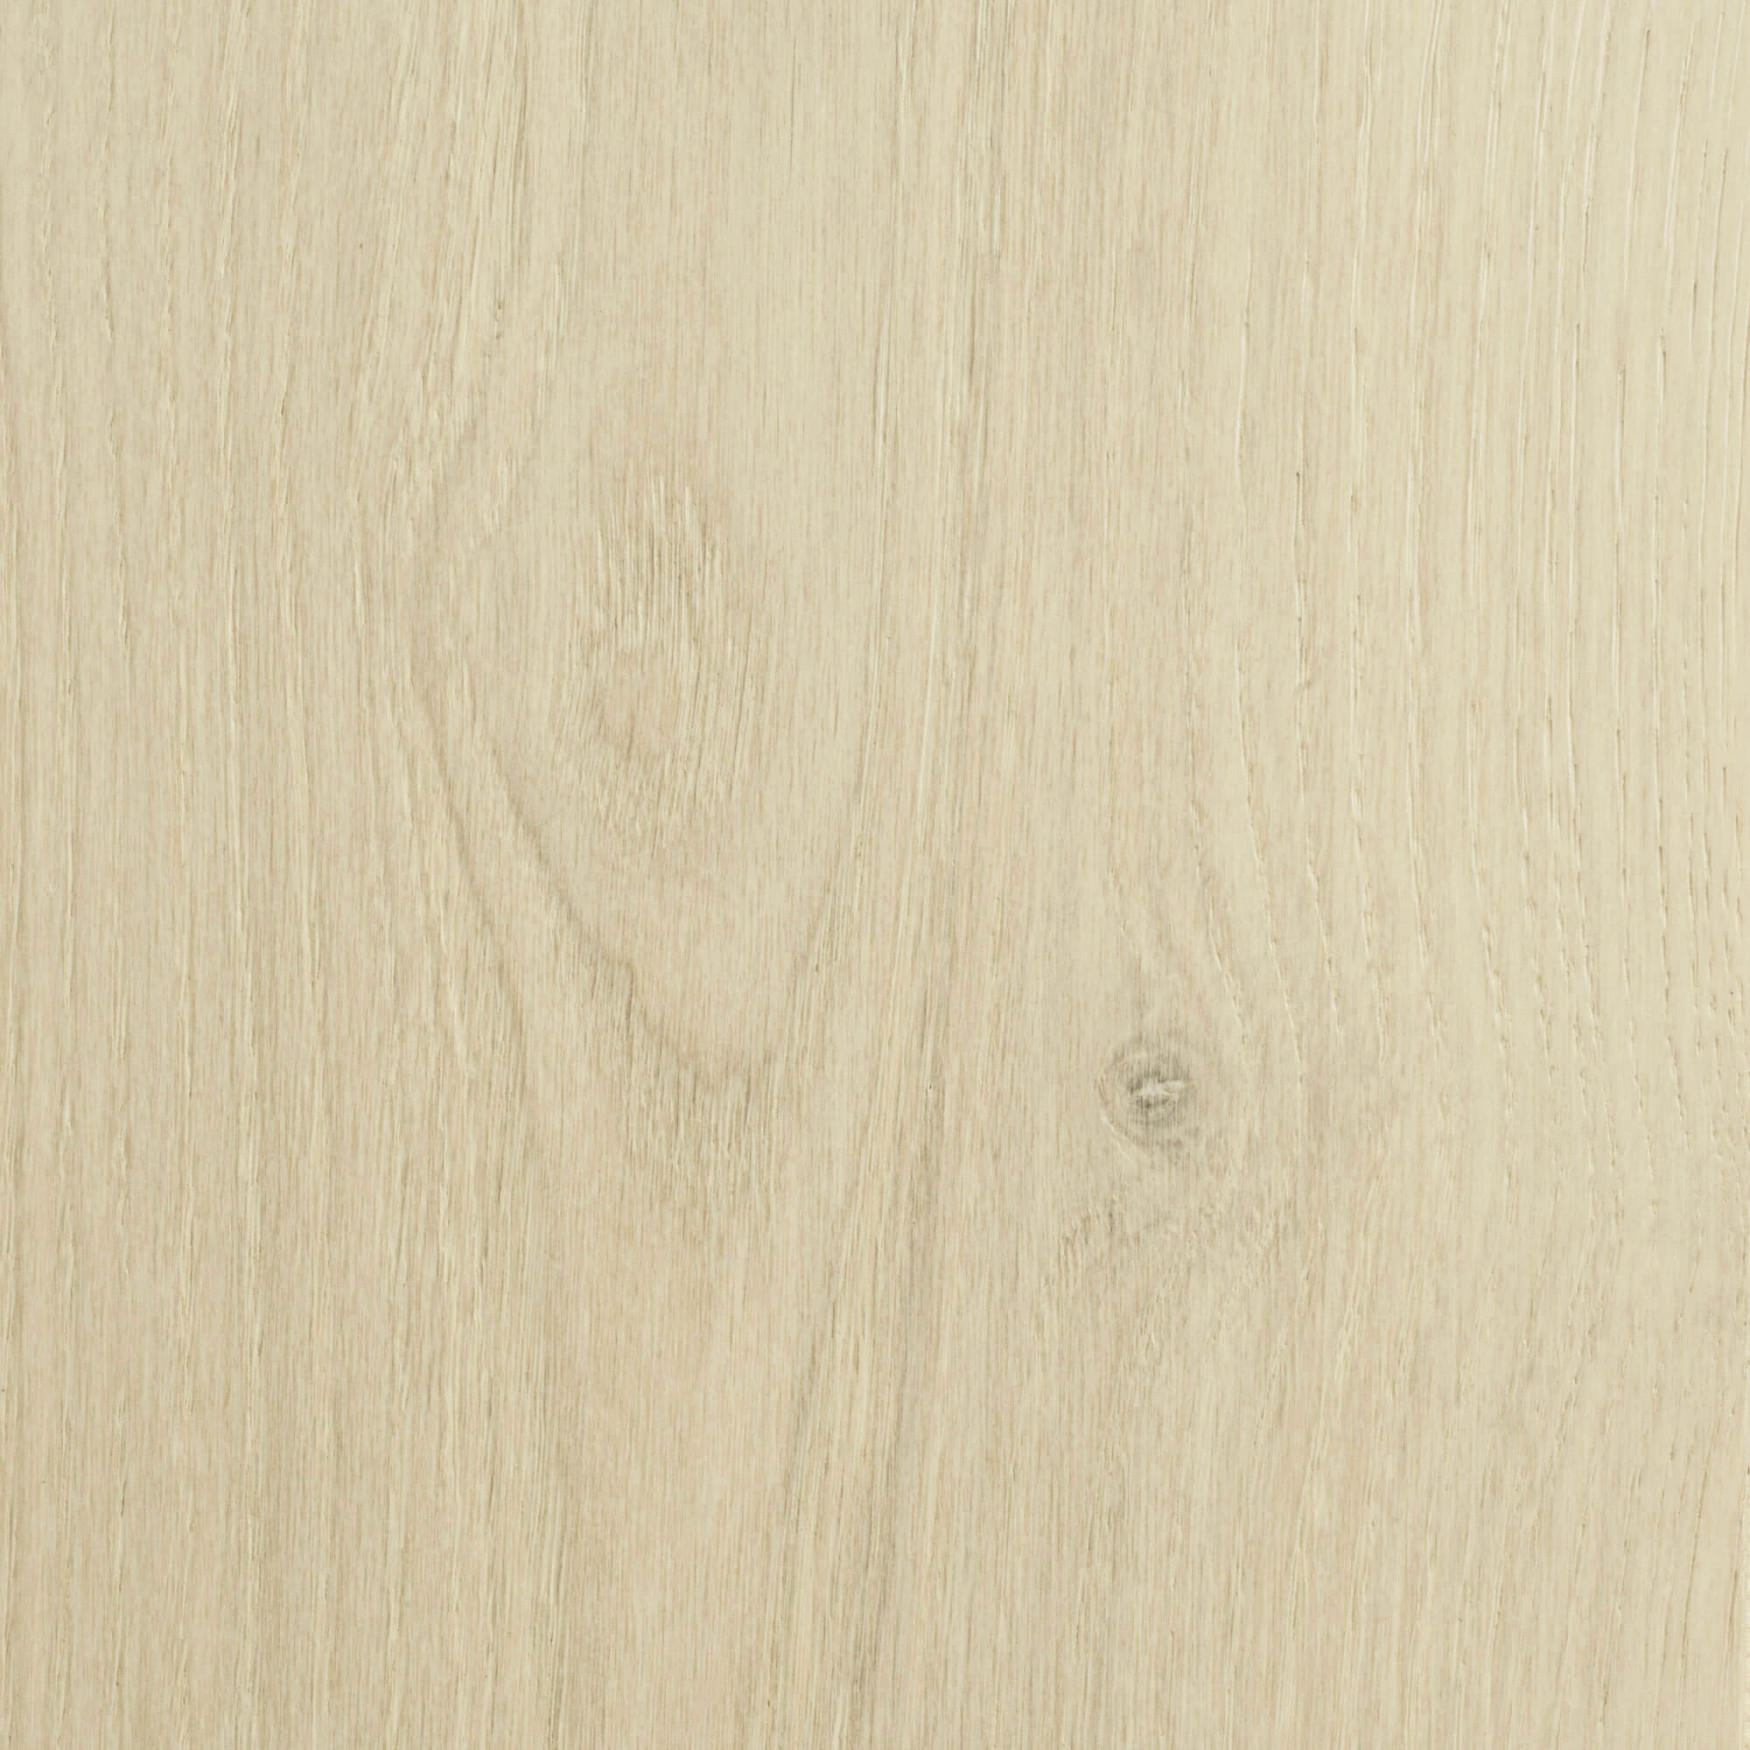 element7-wide-plank-samples-rt-element7-wide-plank-samples-ivory-oak-lighter